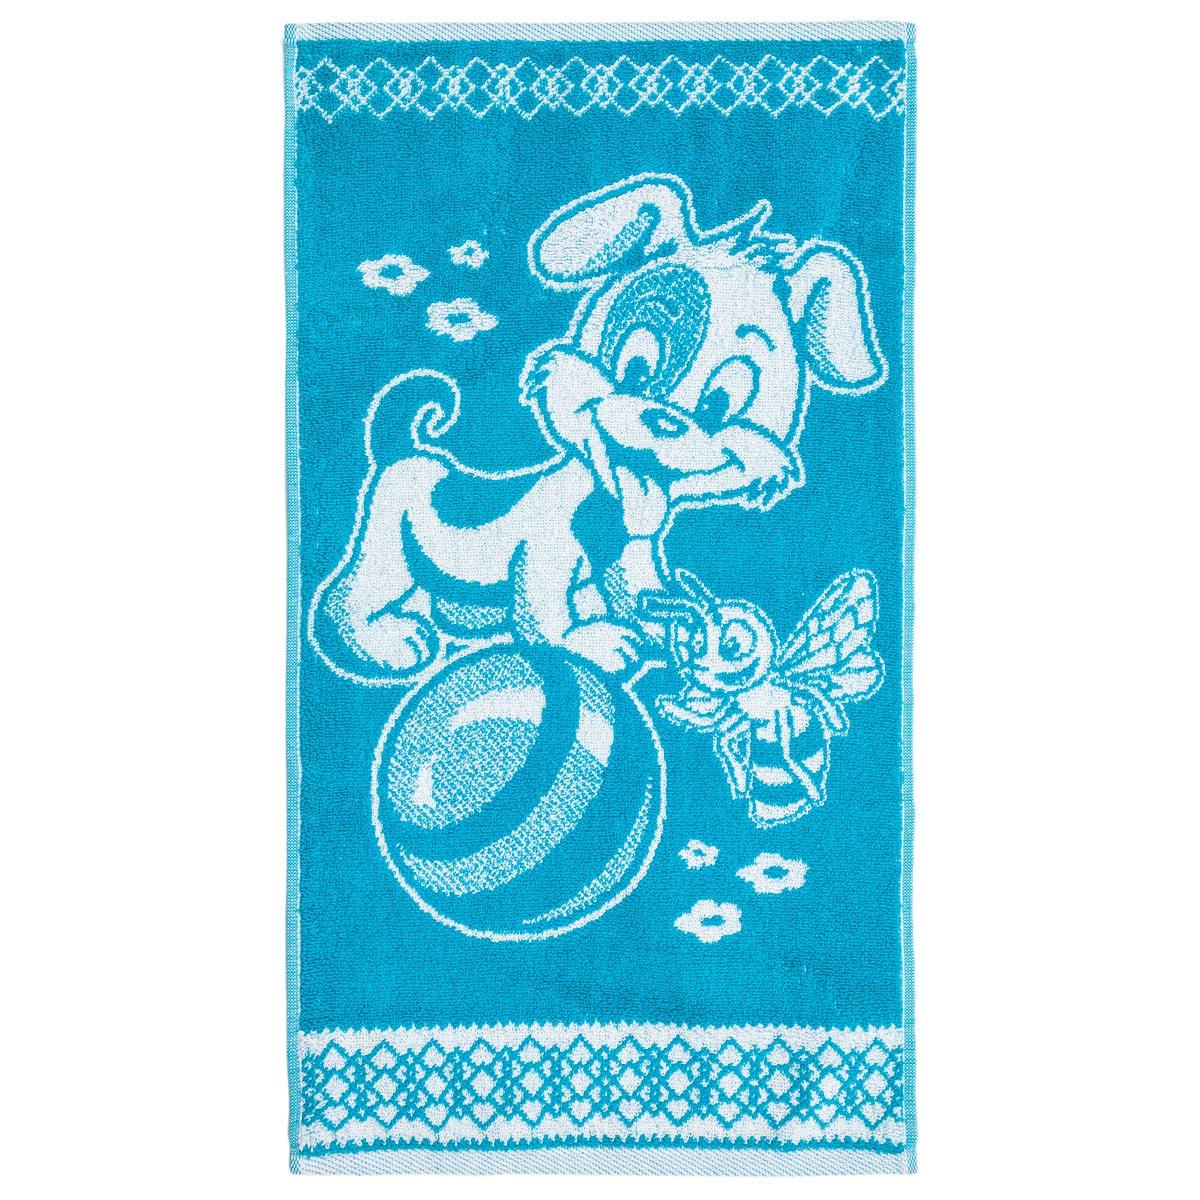 Полотенце арт. 04-0084 Бирюзовый р. 30х60Махровые полотенца<br>Плотность ткани: 380-400 г/кв. м<br><br>Тип: Полотенце<br>Размер: 30х60<br>Материал: Махра